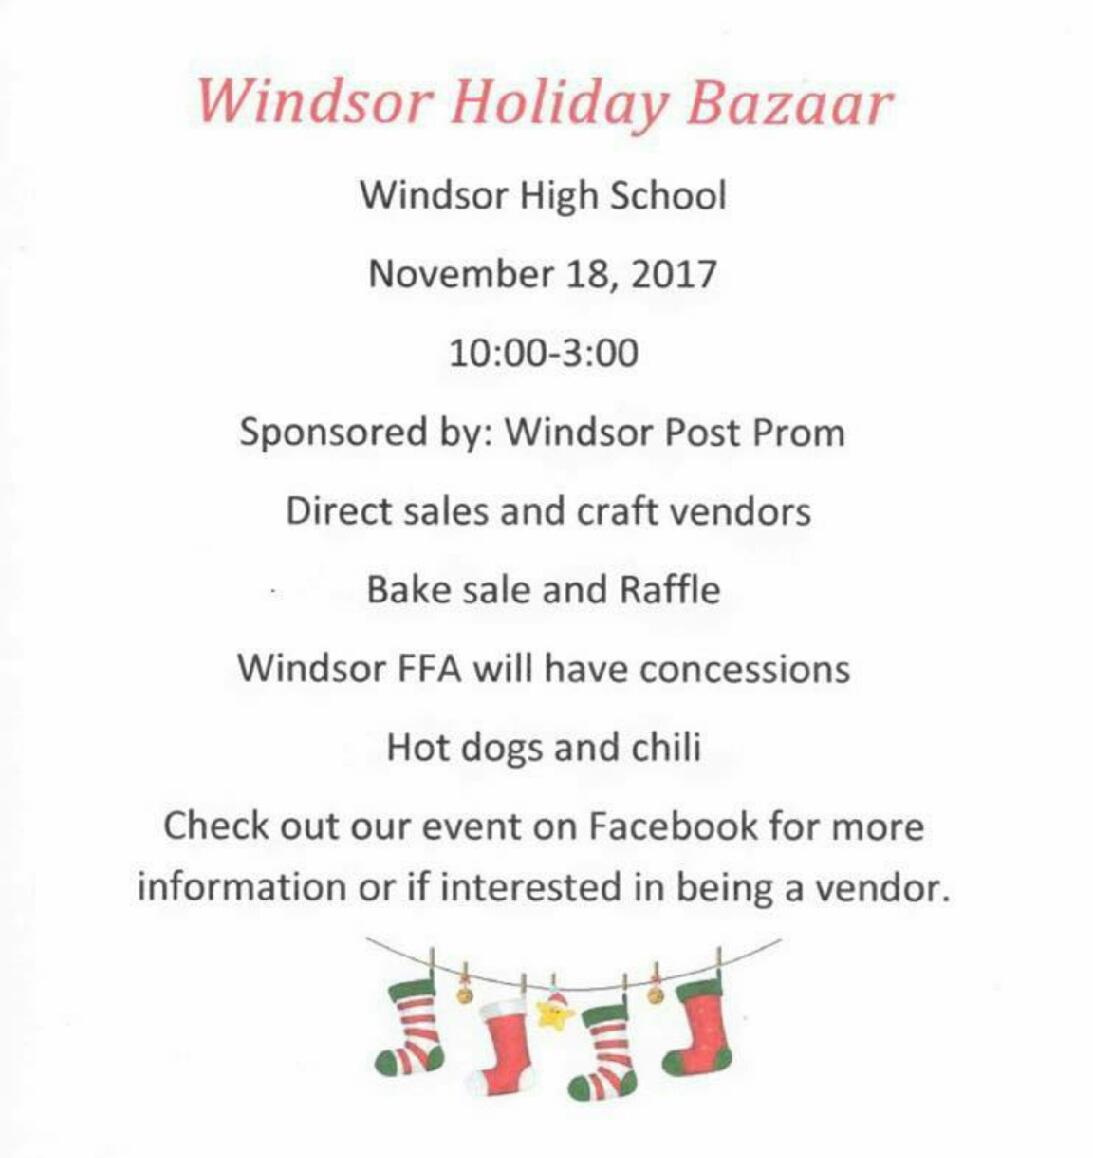 Windsor Holiday Bazaar